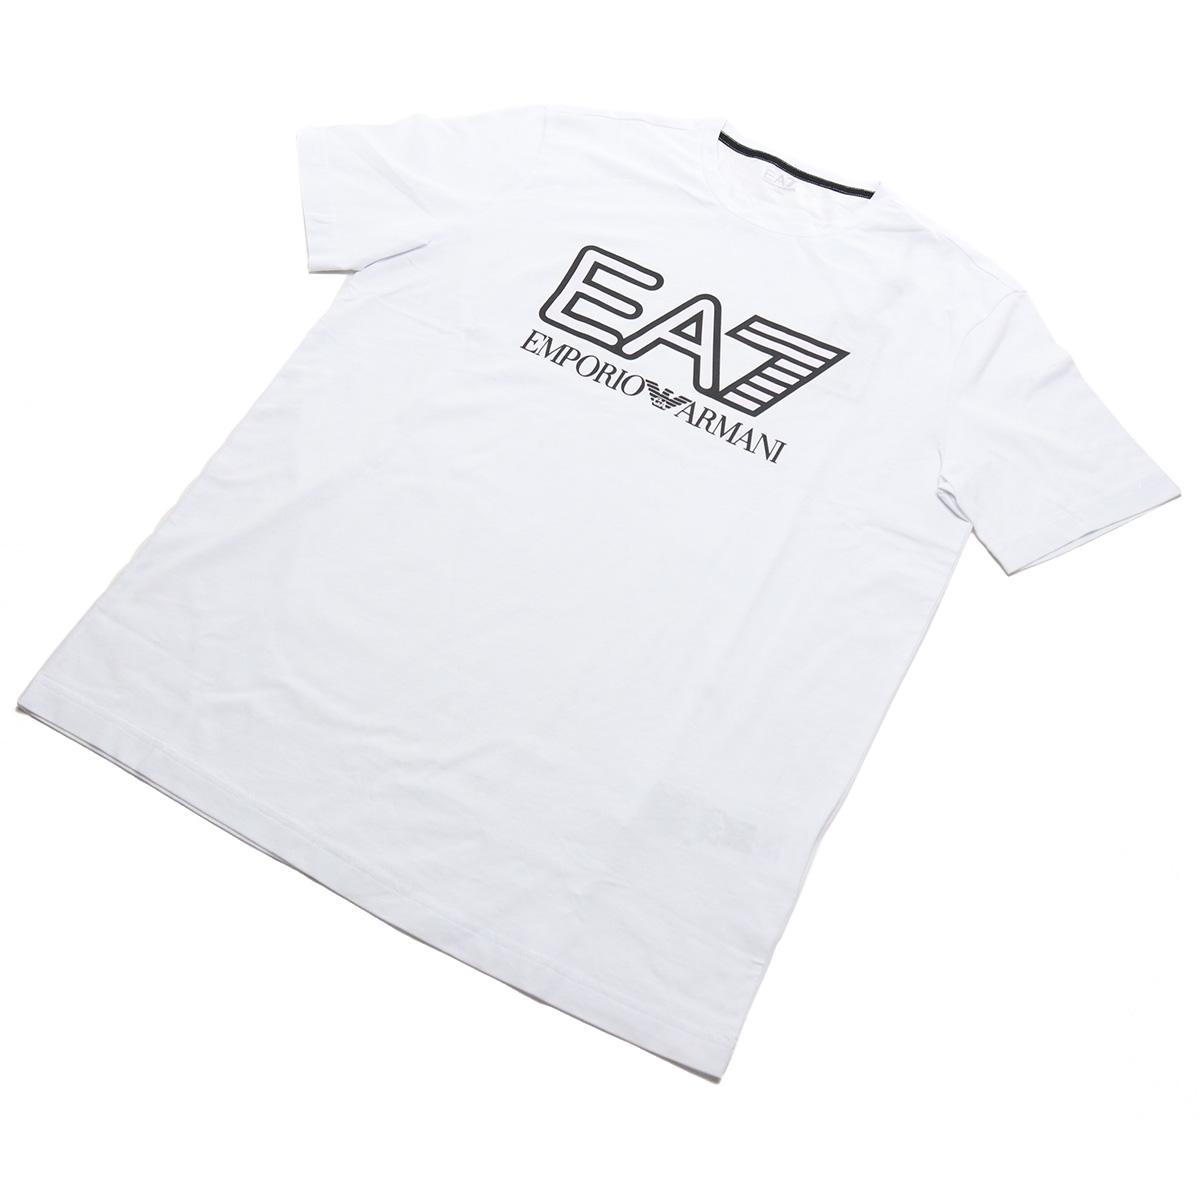 ※ 送料無料 2020 新作 ラッピング無料 34%OFF ブランド公式サイト掲載価格12 100円 #XXLサイズ イーエーセブン EA7 メンズ-Tシャツ big-01 メンズ ホワイト系 sale-8 ts-01 PJ03Z WHITE 6HPT62 激安 1100